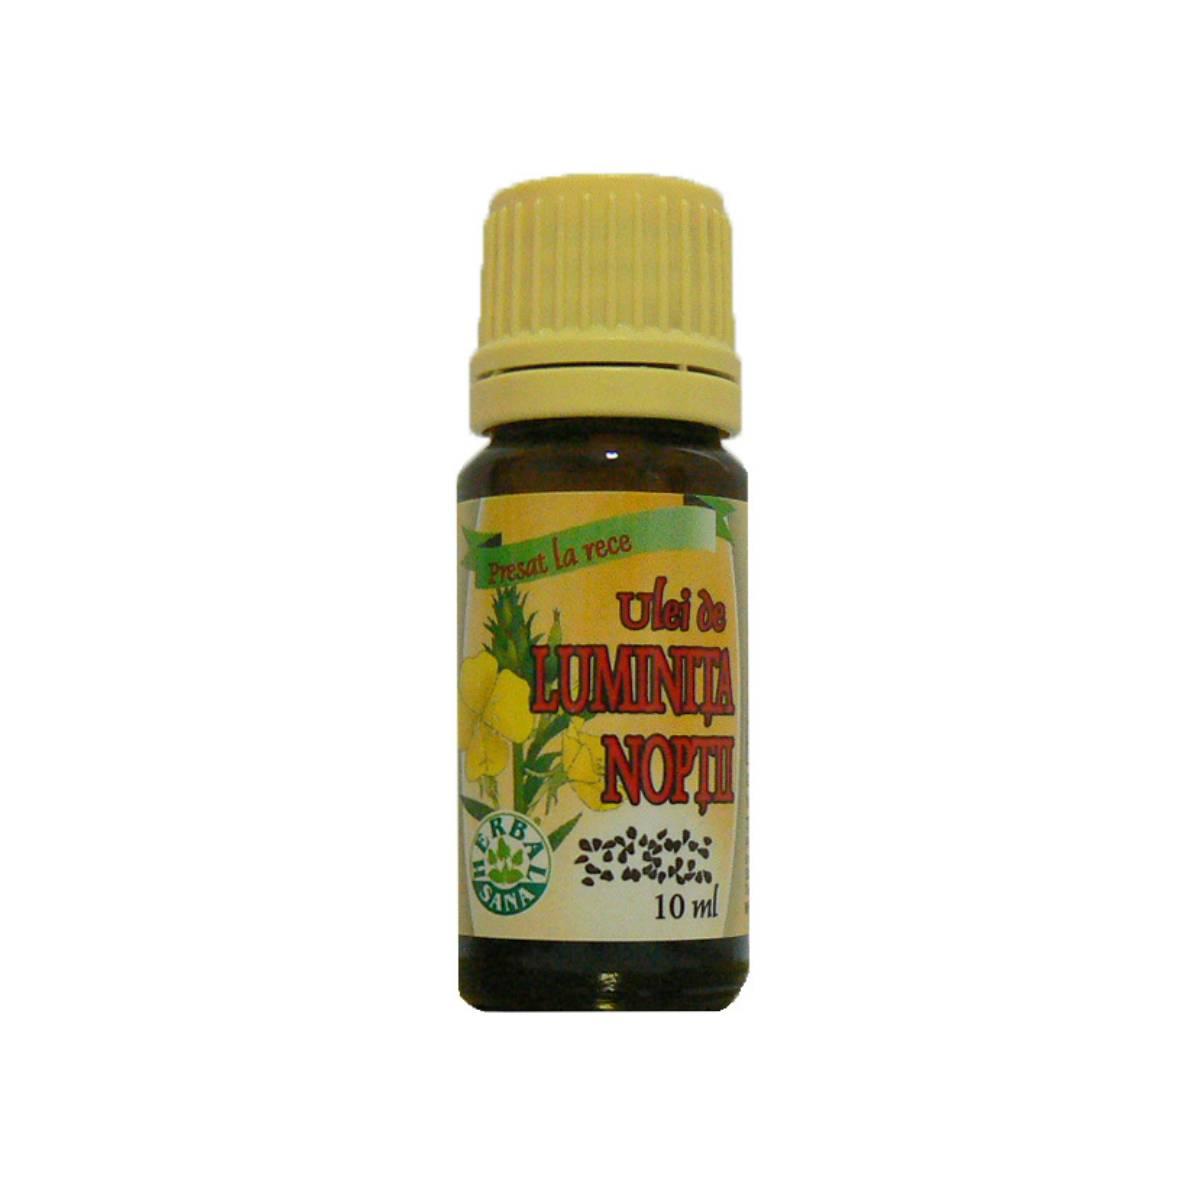 Ulei de Luminita Noptii presat la rece, 10 ml, Herbavit